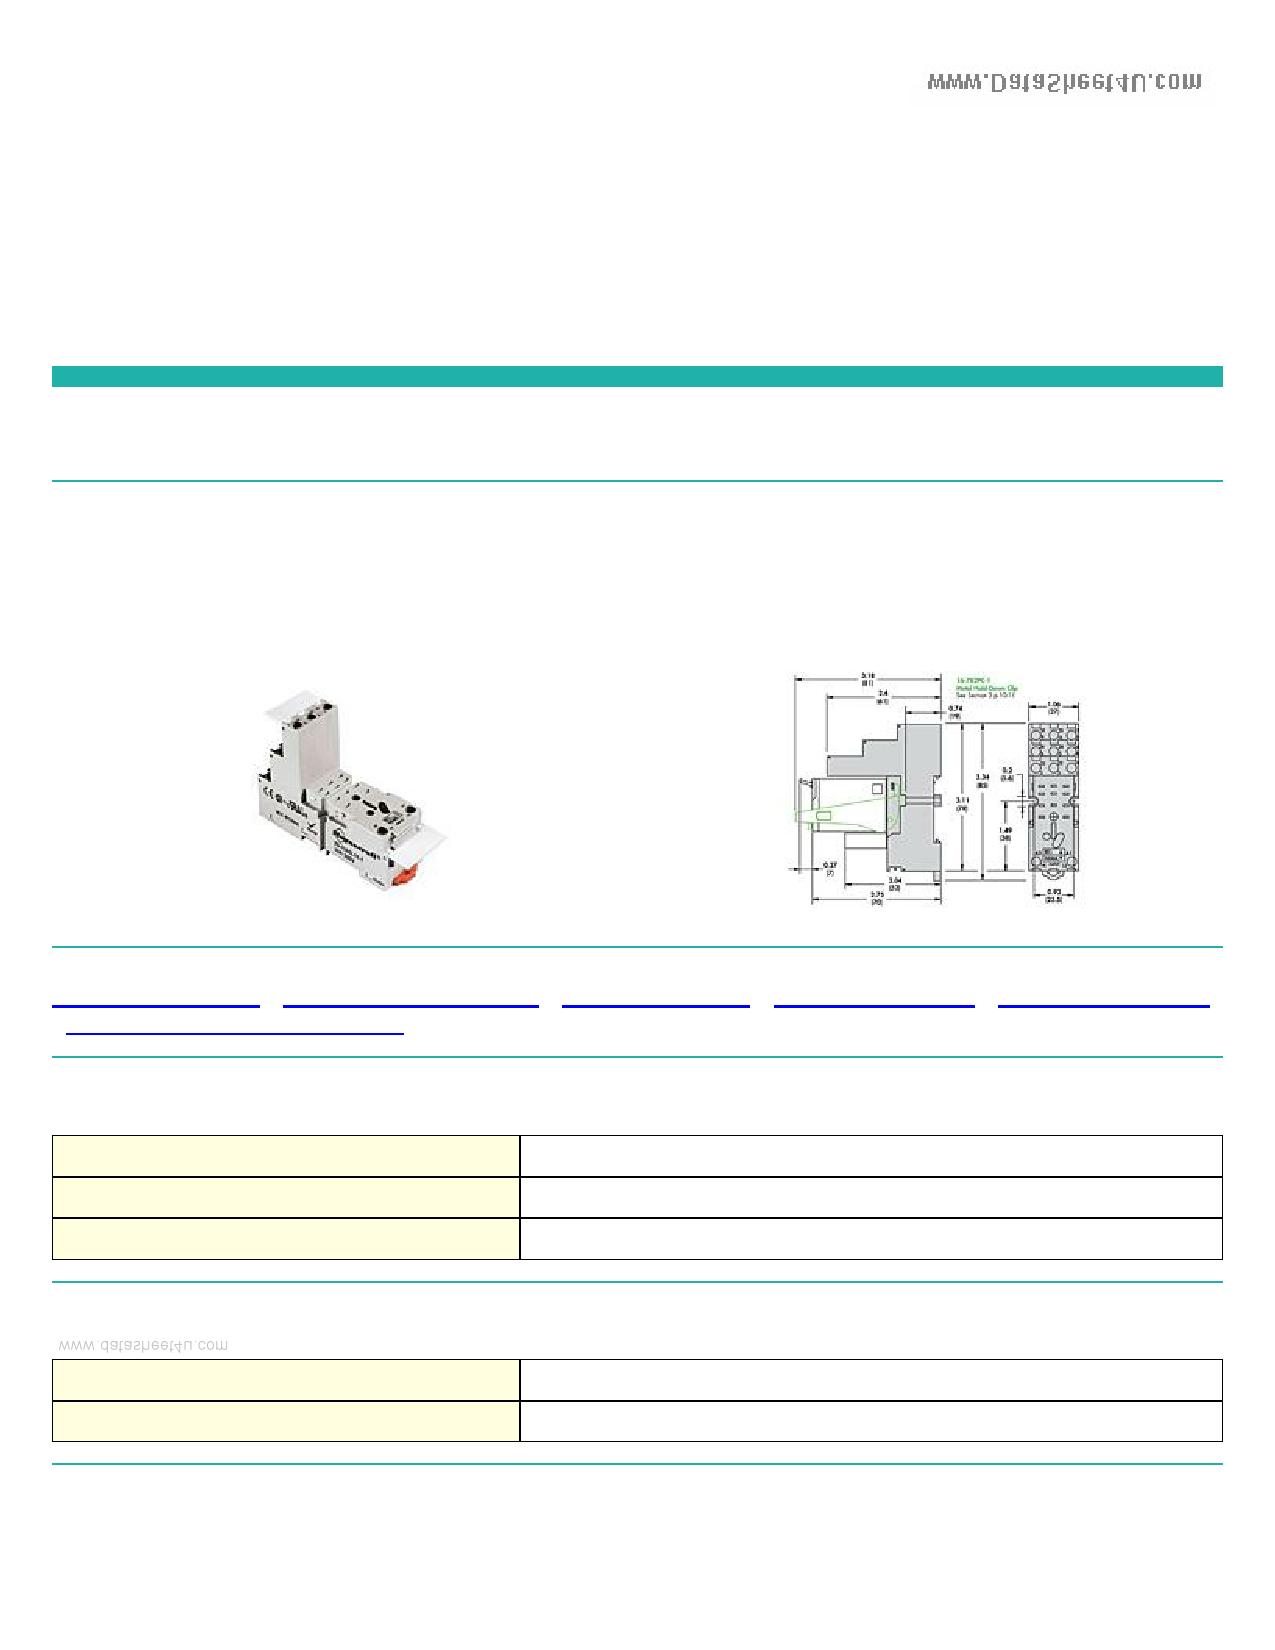 70-782EL11-1 Hoja de datos, Descripción, Manual